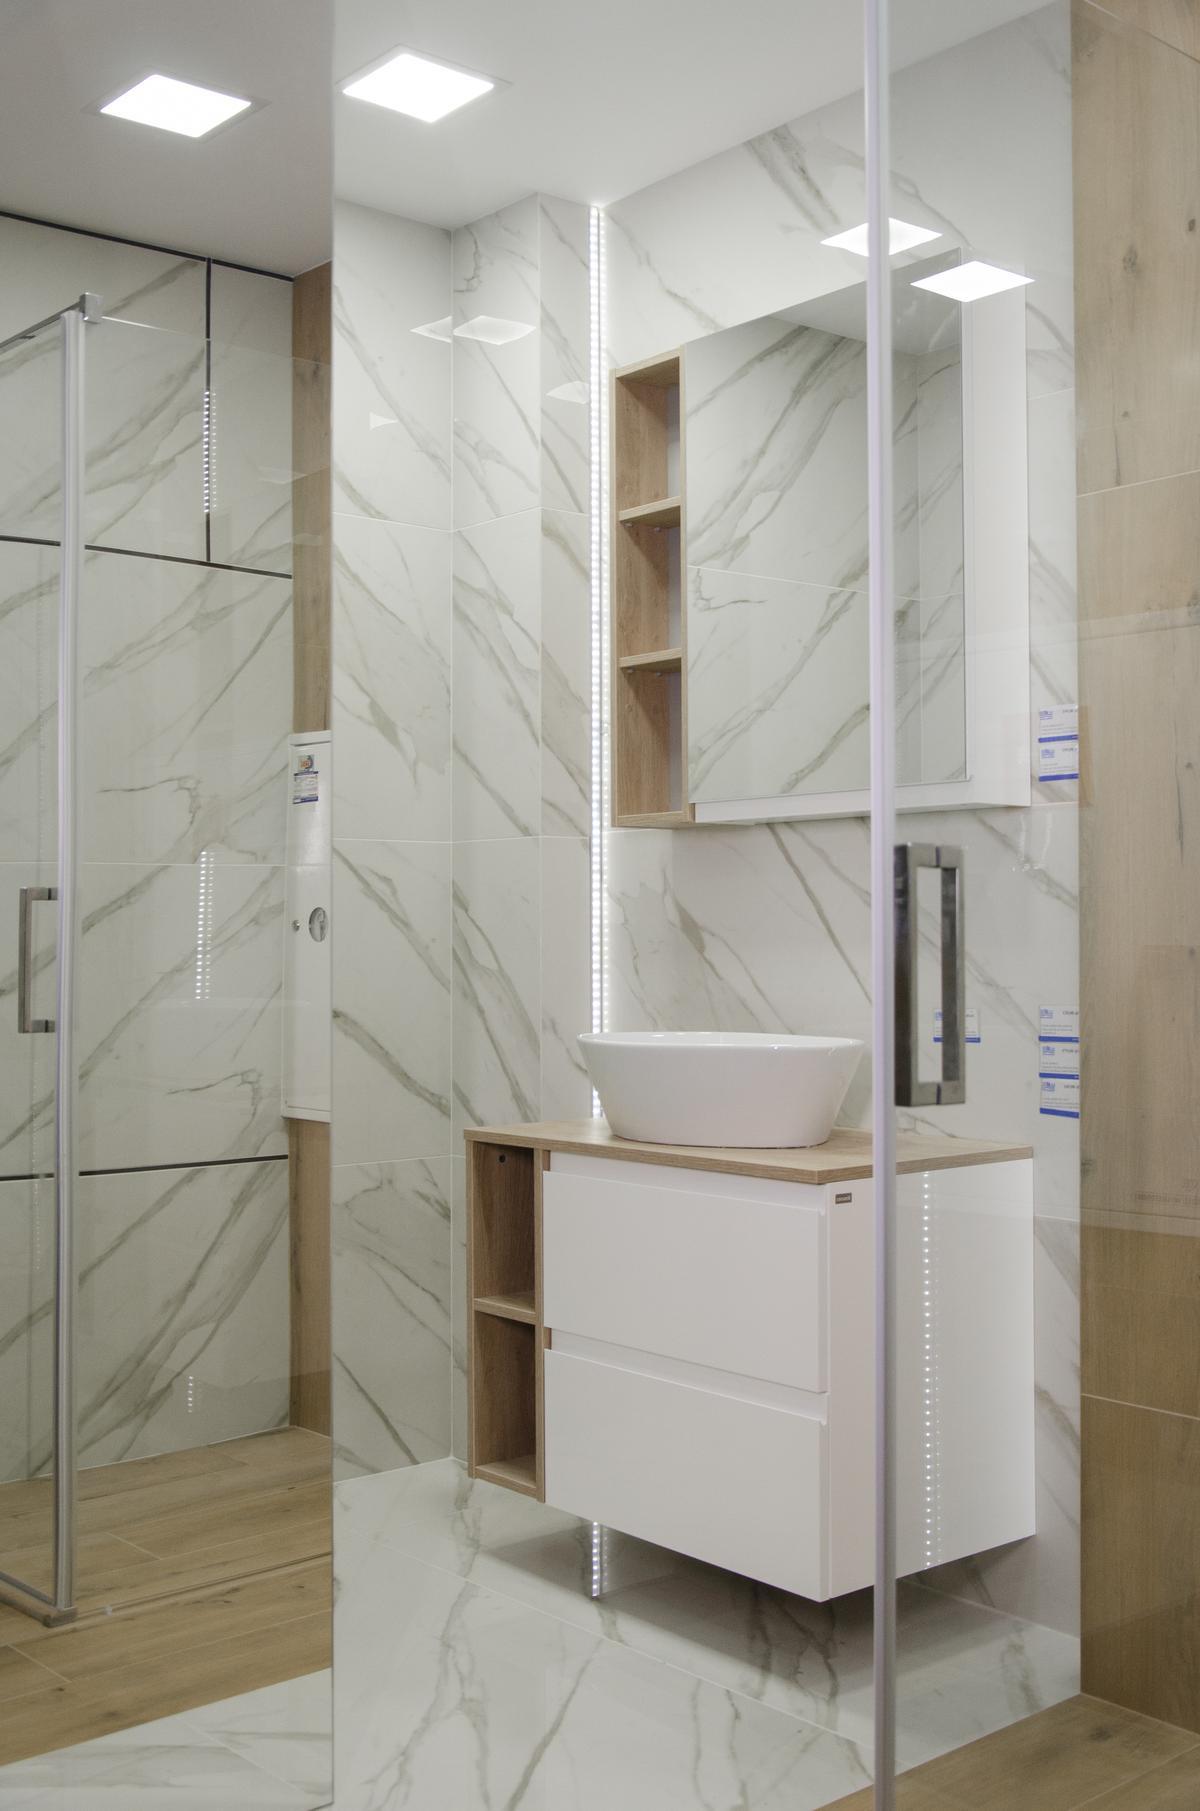 Aranżacja łazienki z płytką imitującą marmur i płytką drewnopodobną - zdjęcie od BLU salon łazienek Białystok